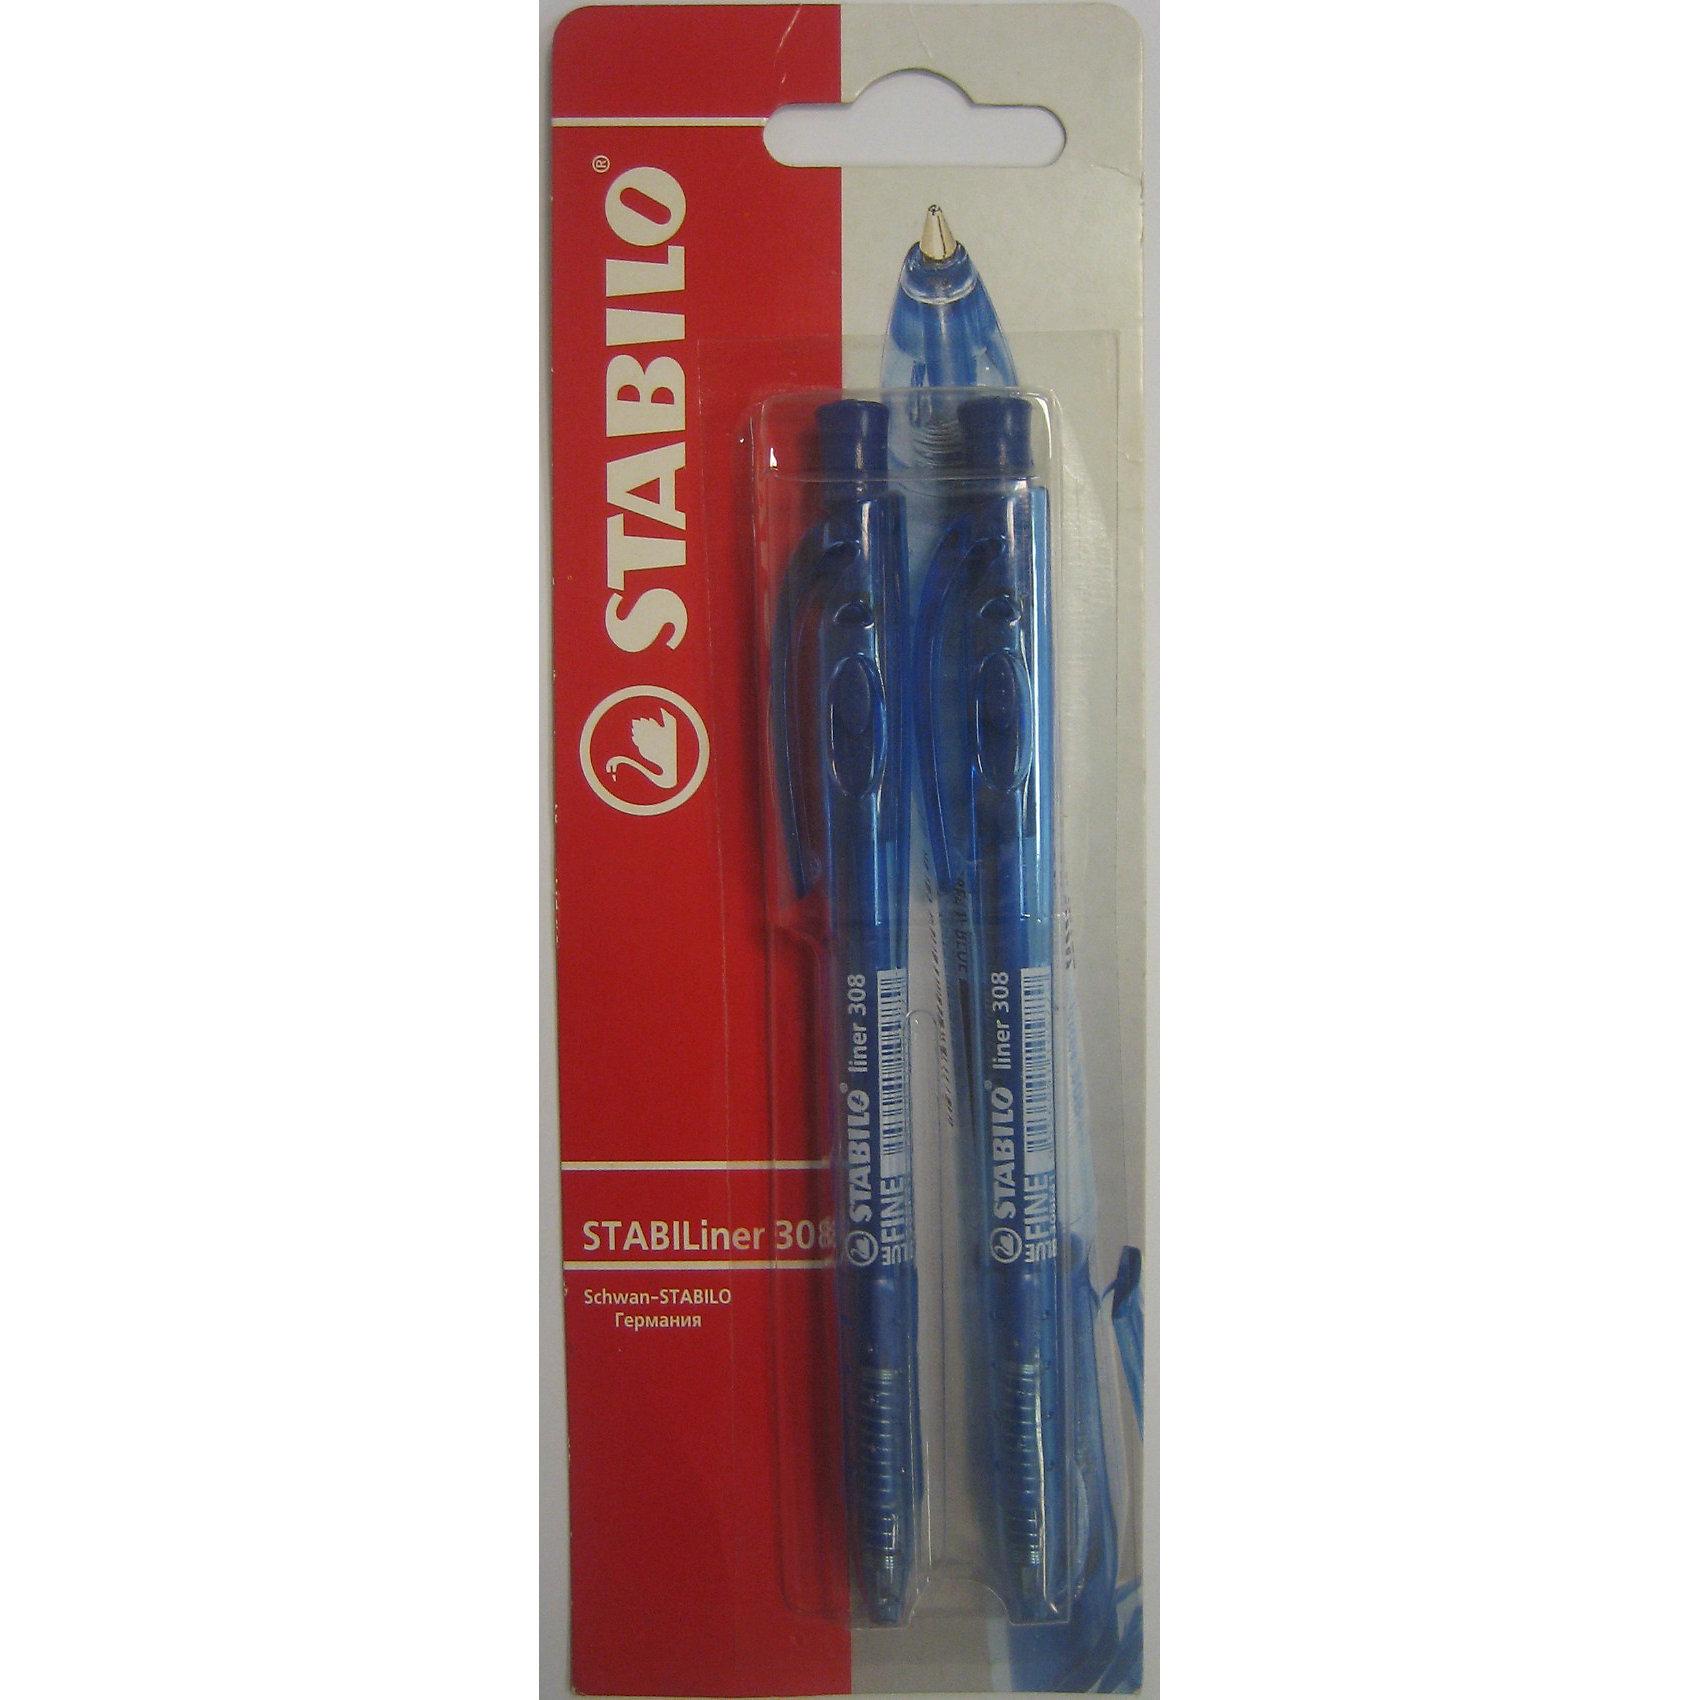 STABILO Liner Ручка синяя, 2штПисьменные принадлежности<br>STABILO LINER автоматическая шариковая ручка с убирающимся пишущим узлом и практичным клипом, особенно удобна для ношения в кармане. Высококачественный пишущий узел со специальным обжатием шарика обеспечивает чистое и мягкое письмо, защищает от утечки чернил и обеспечивает тонкую аккуратную линию. Прозрачный корпус позволяет визуально контролировать расход чернил. Благодаря эргономичной форме грип-зоны рука не устает даже при длительном письме. Сменный стержень.<br><br>Ширина мм: 295<br>Глубина мм: 245<br>Высота мм: 160<br>Вес г: 30<br>Возраст от месяцев: 72<br>Возраст до месяцев: 216<br>Пол: Унисекс<br>Возраст: Детский<br>SKU: 3157358